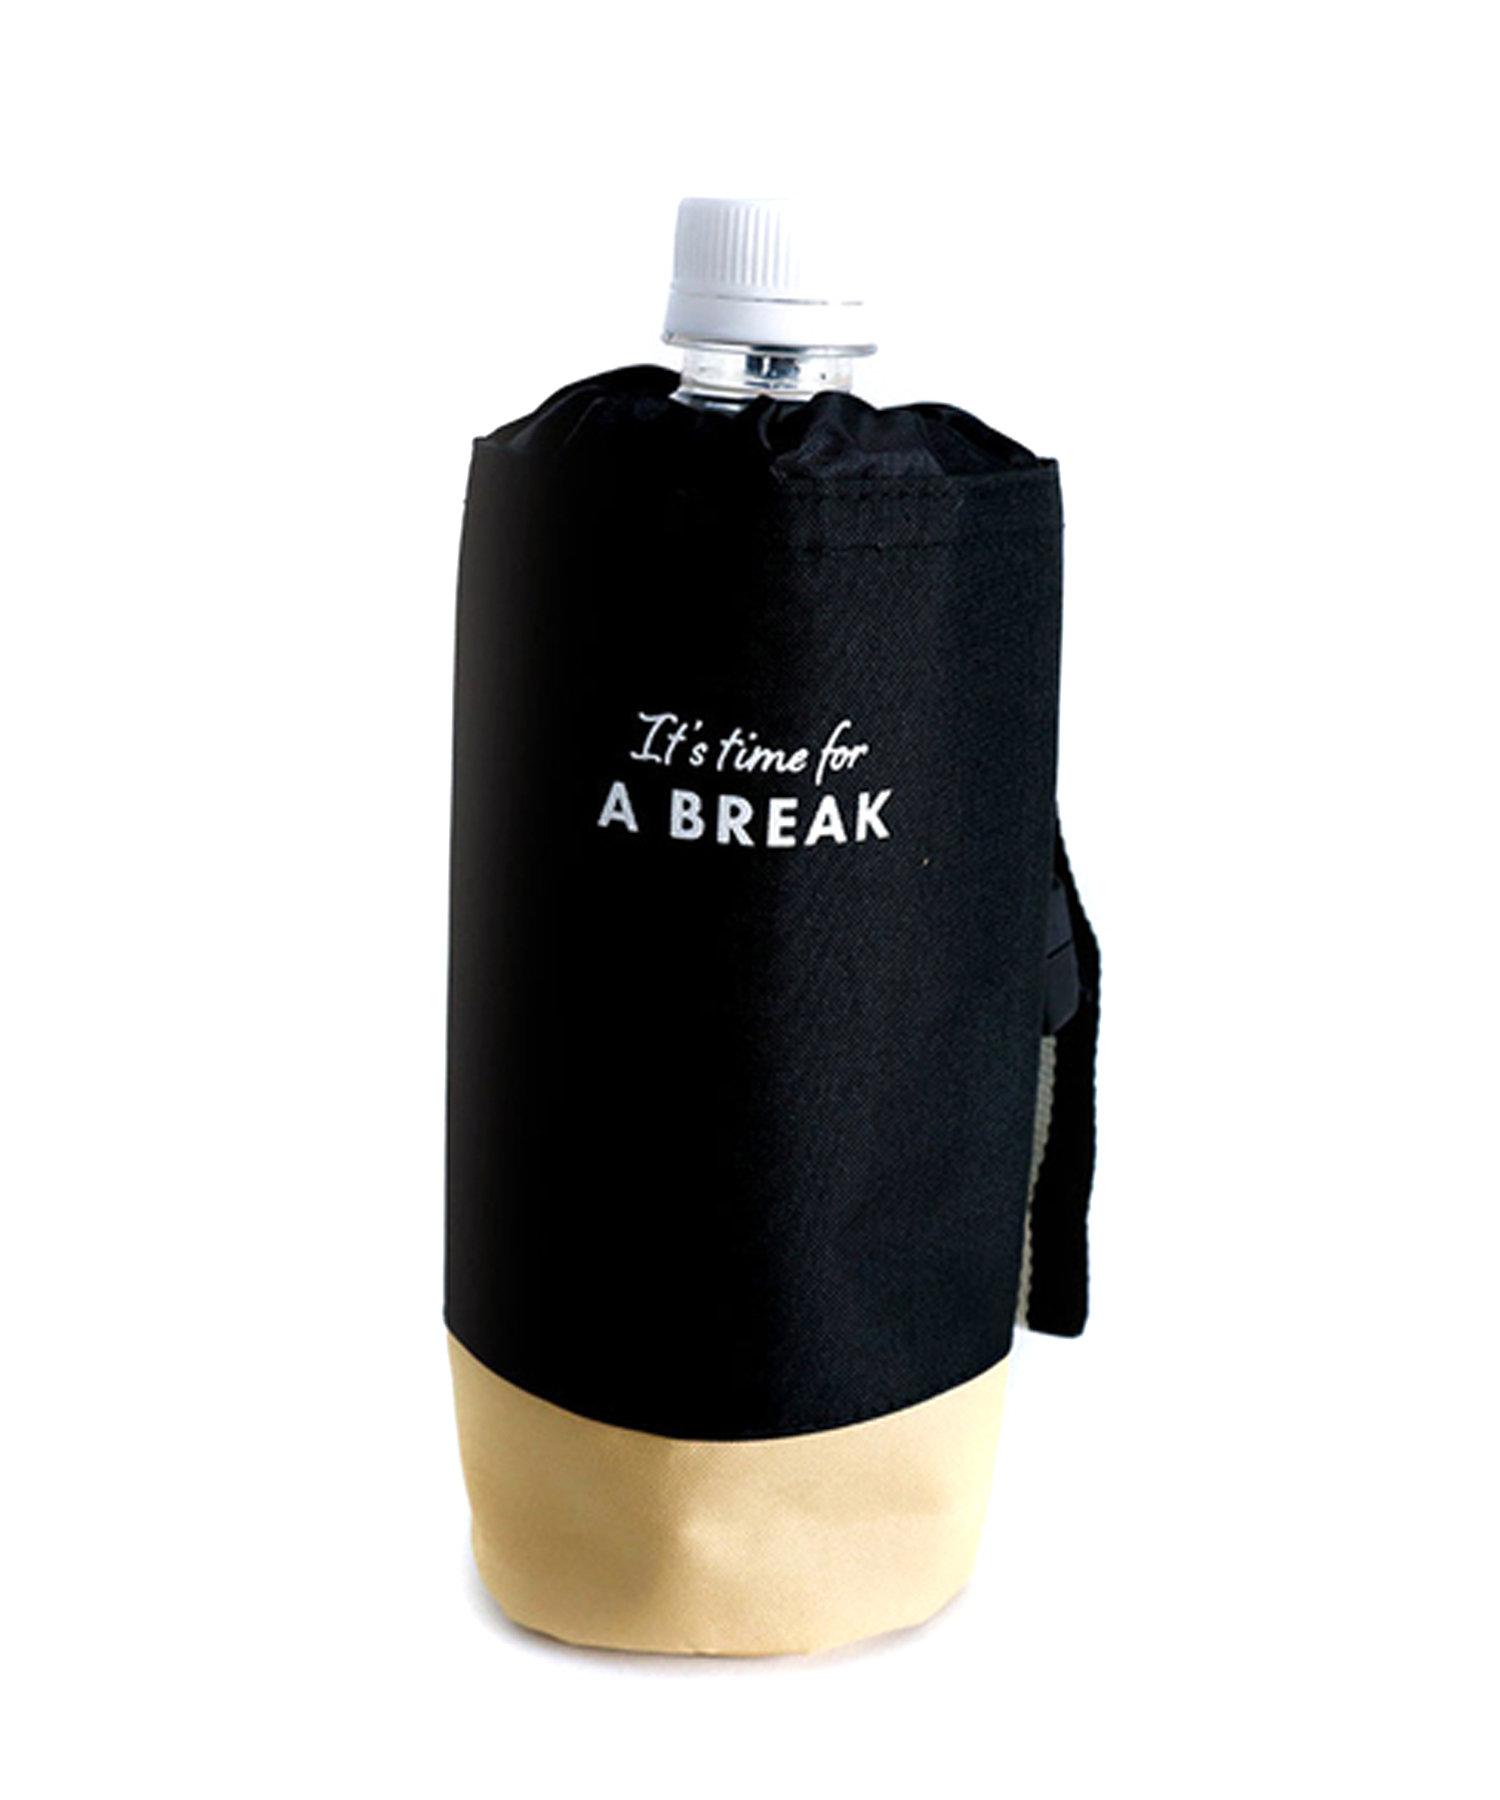 3COINS(スリーコインズ) ライフスタイル 保冷ペットボトルホルダー ブラック